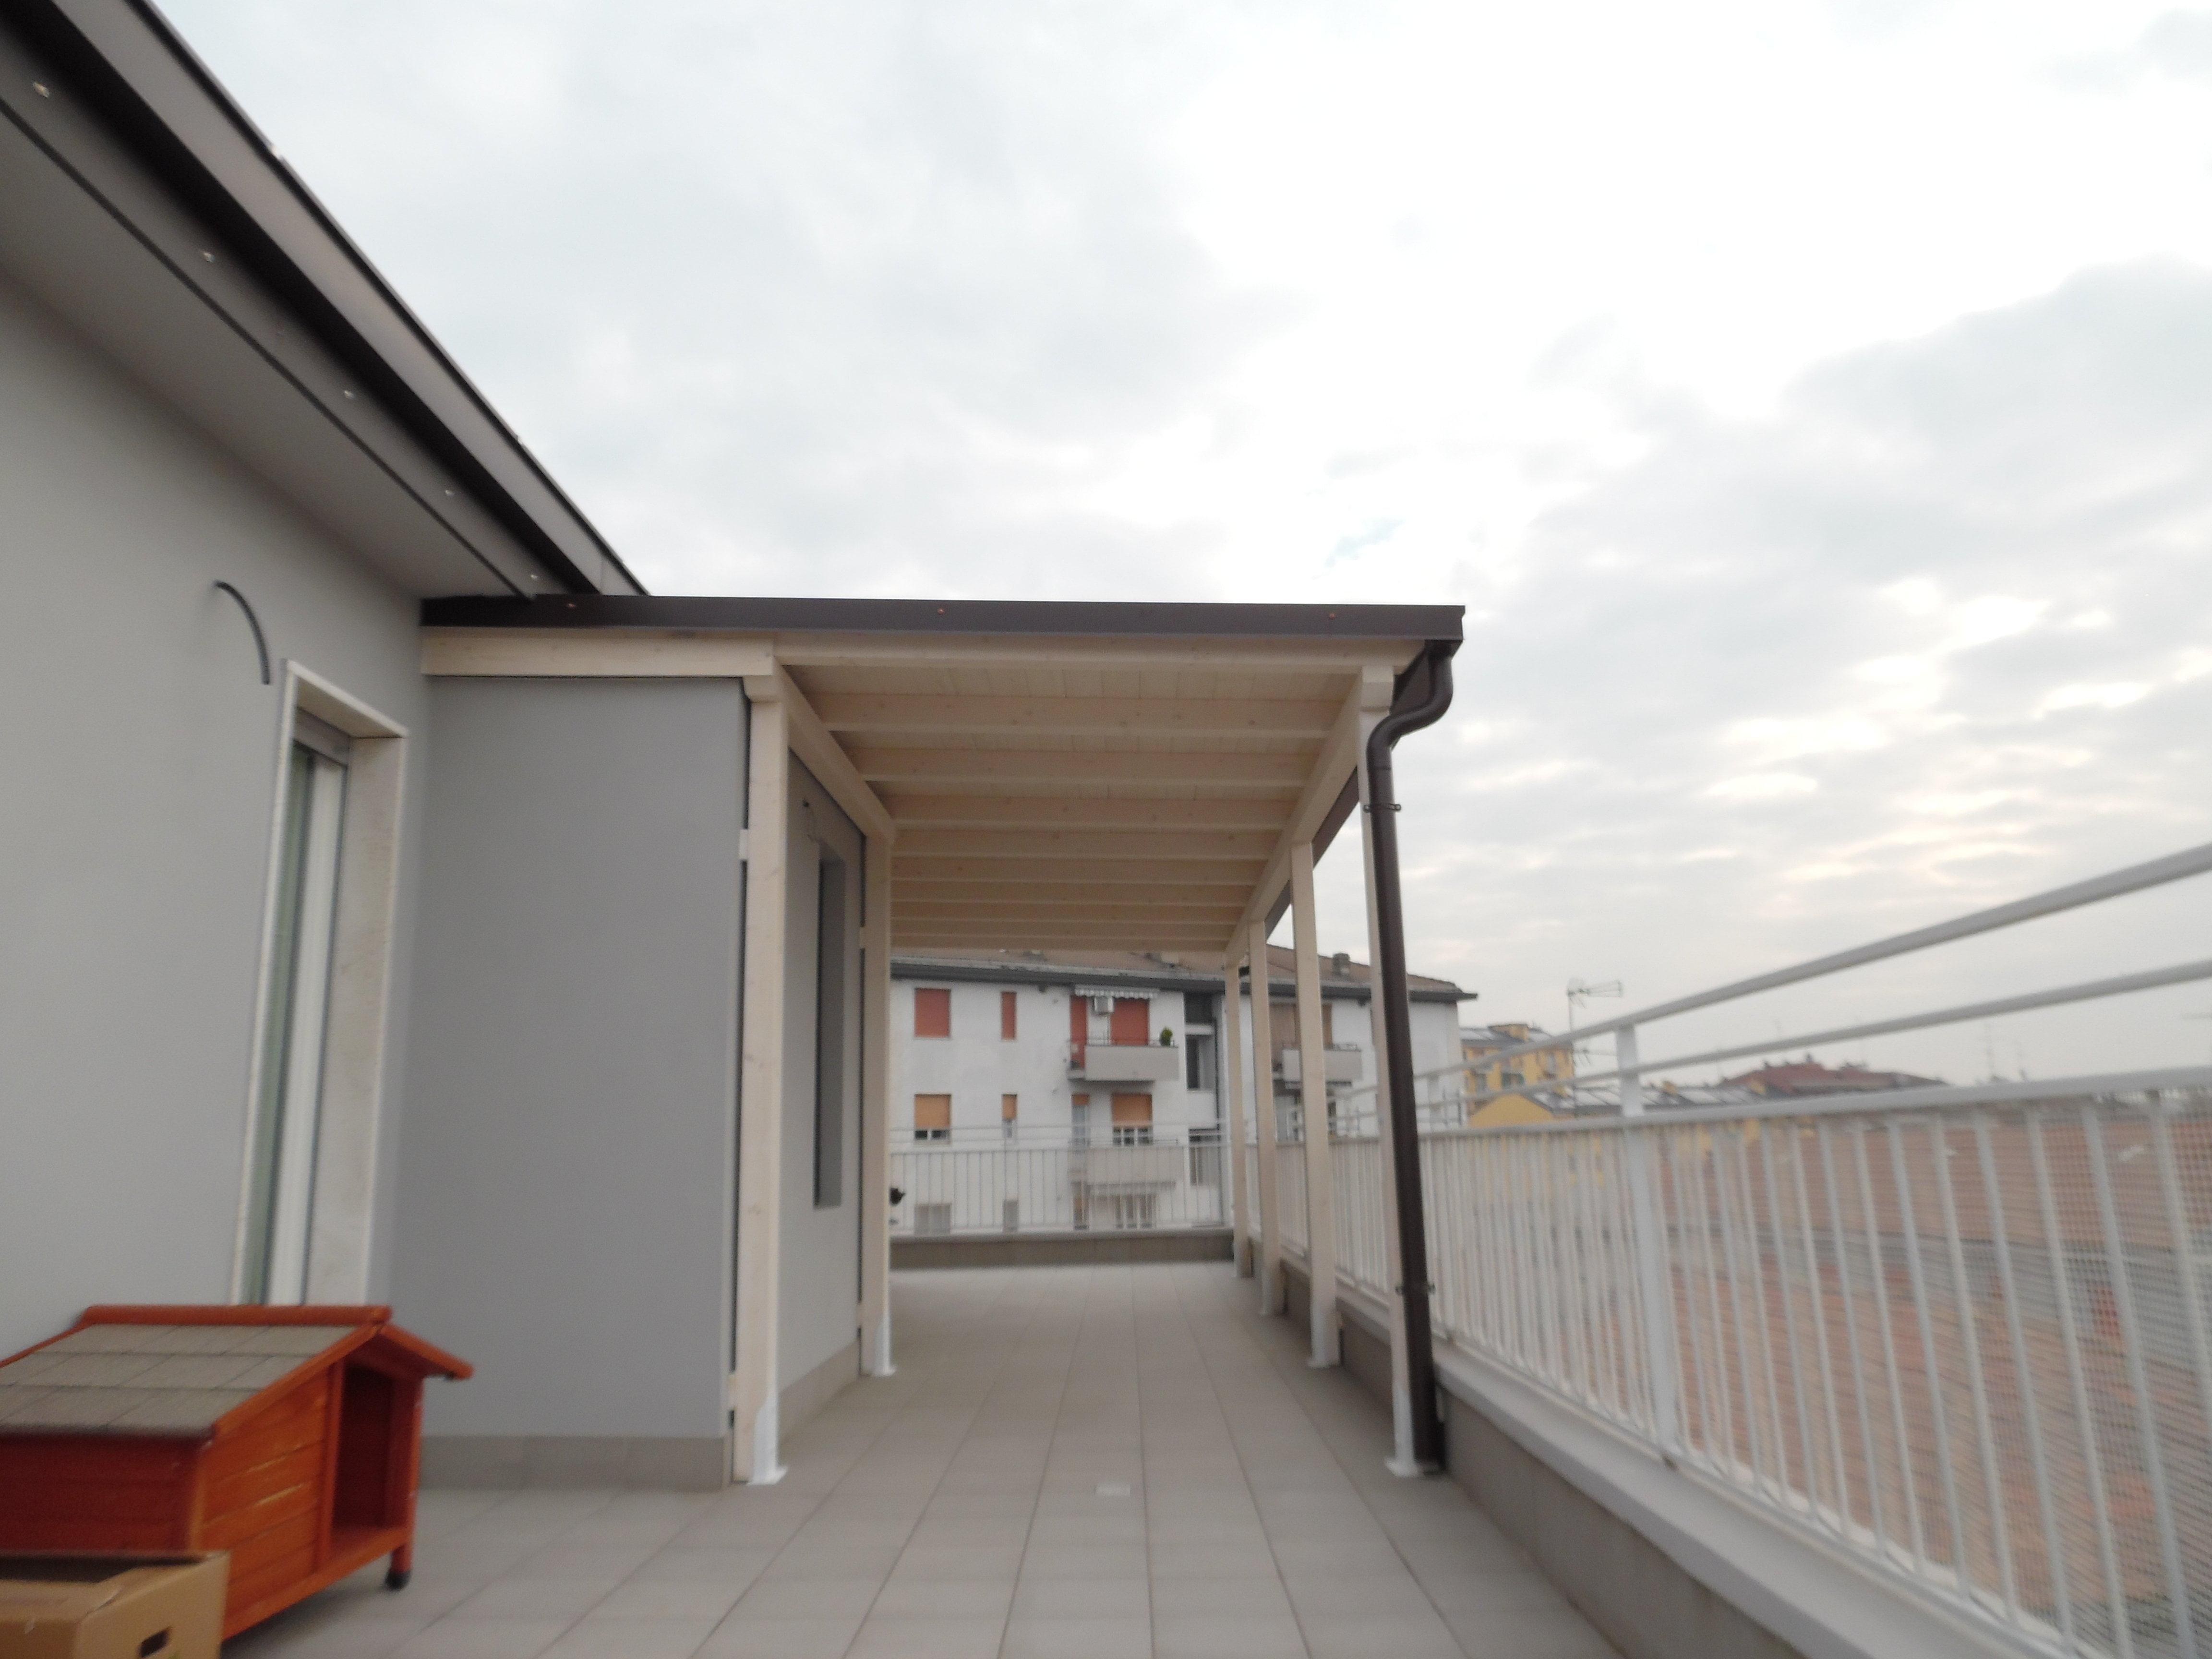 Tettoia in legno per eterno su balcone. Finitura bianco spazzolato - Cereda Legnami Agrate Brianza